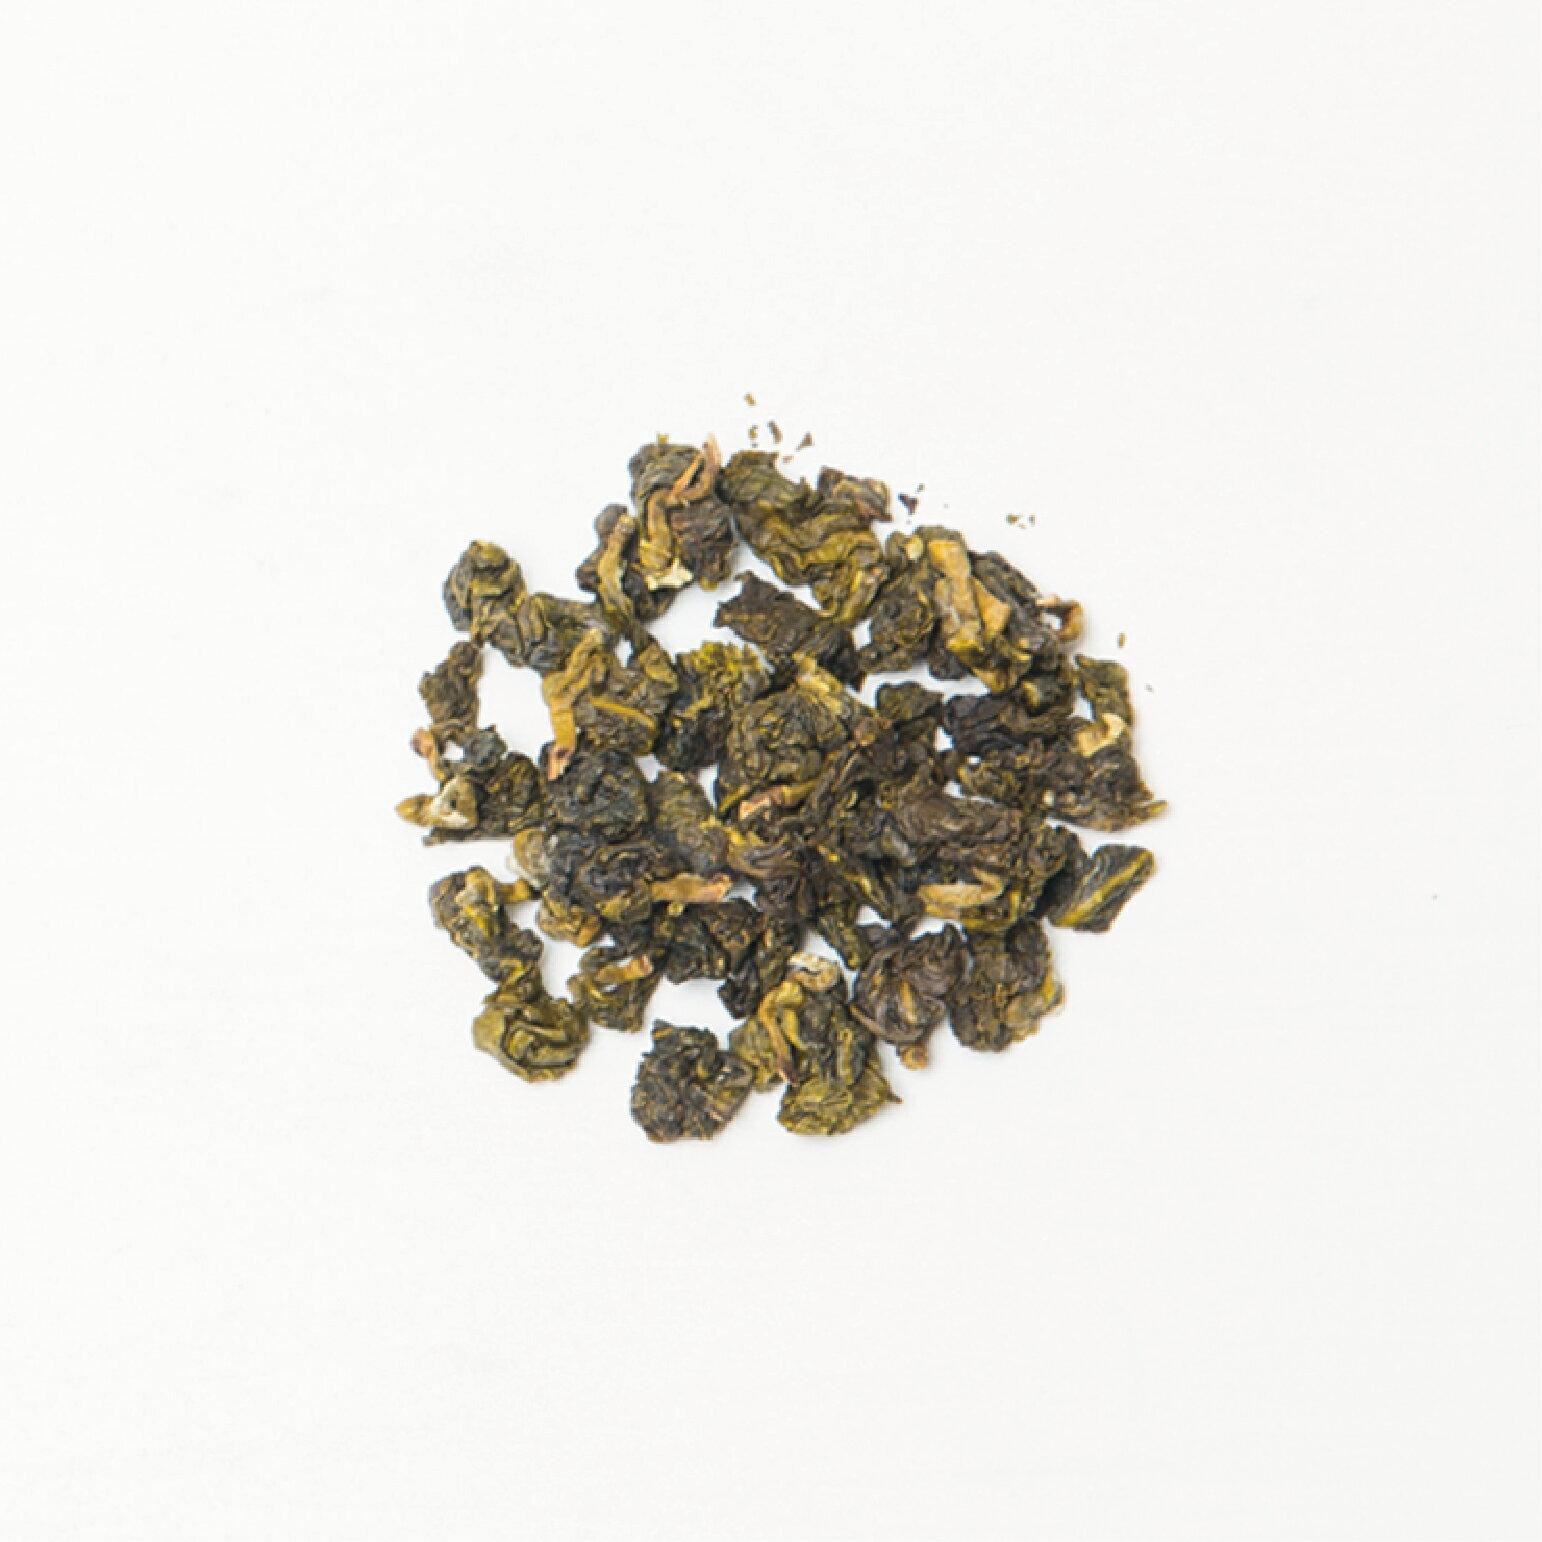 【杜爾德洋行 Dodd Tea】精選金萱烏龍茶 150g (TCO-G150 ) 2